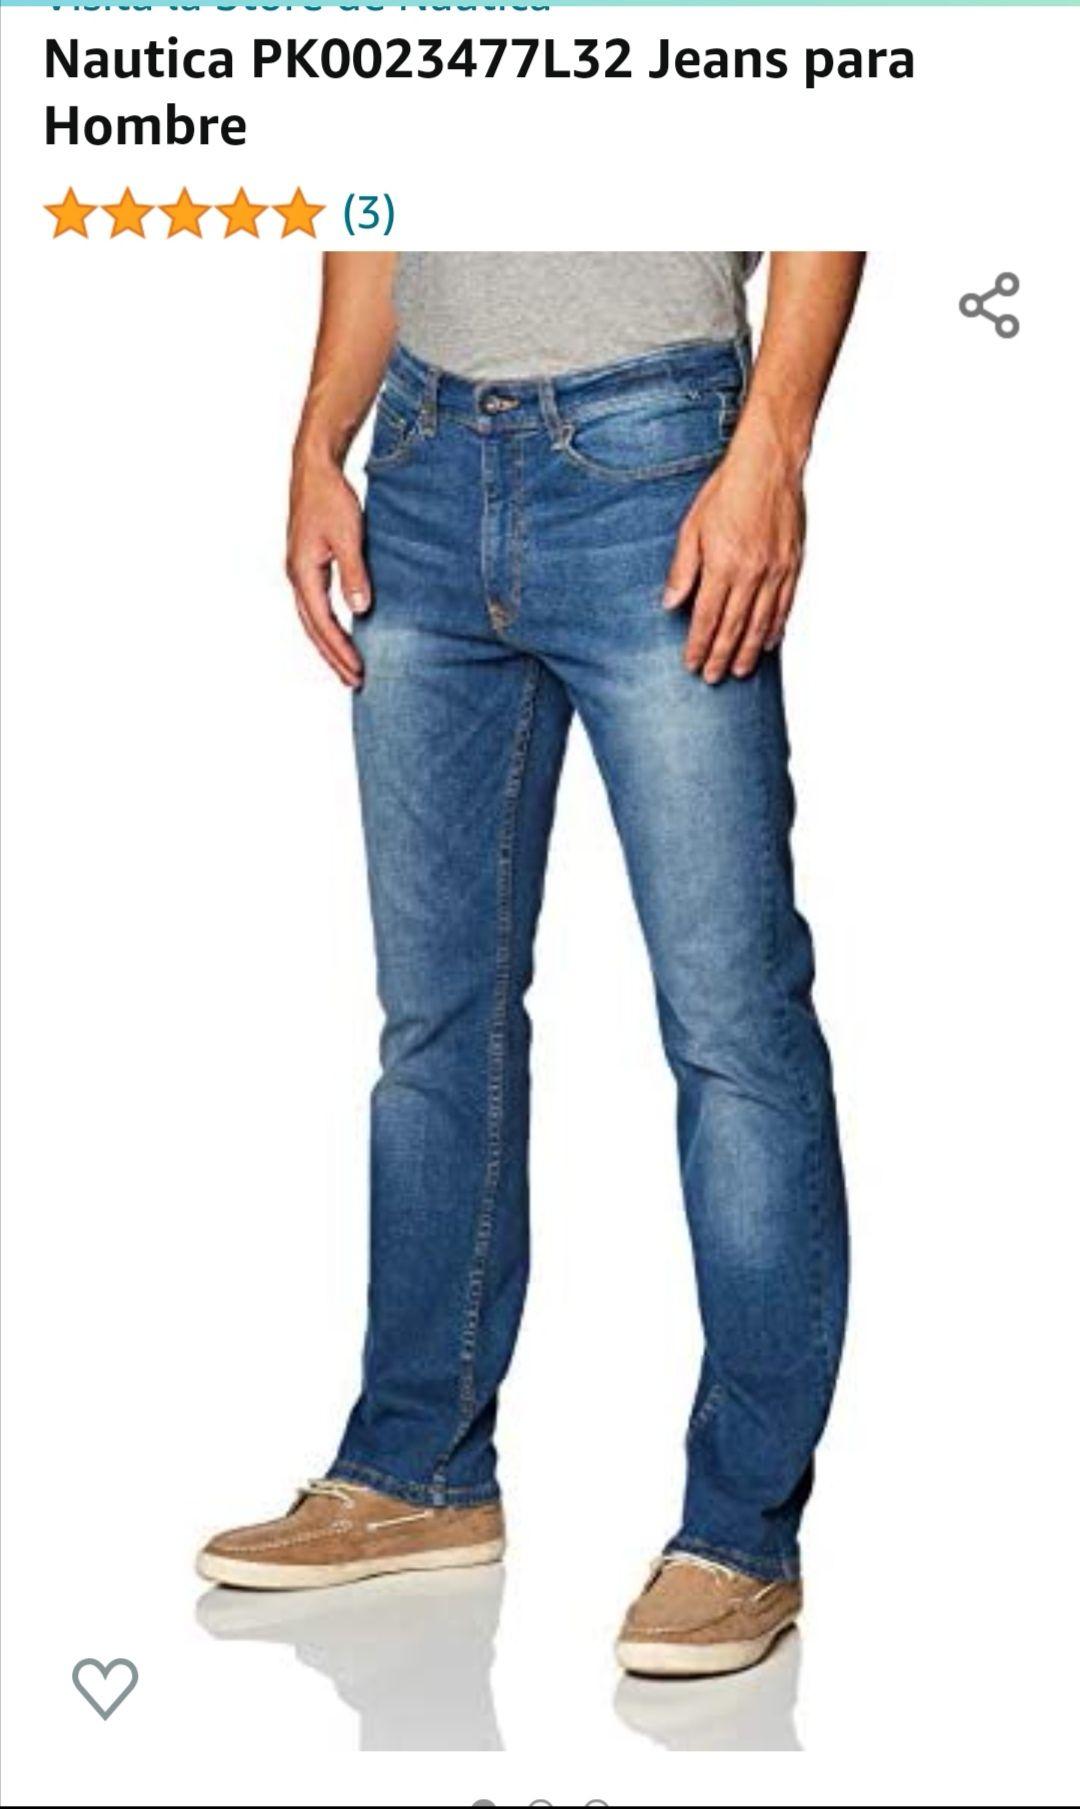 Amazon: Jeans Náutica talla 36